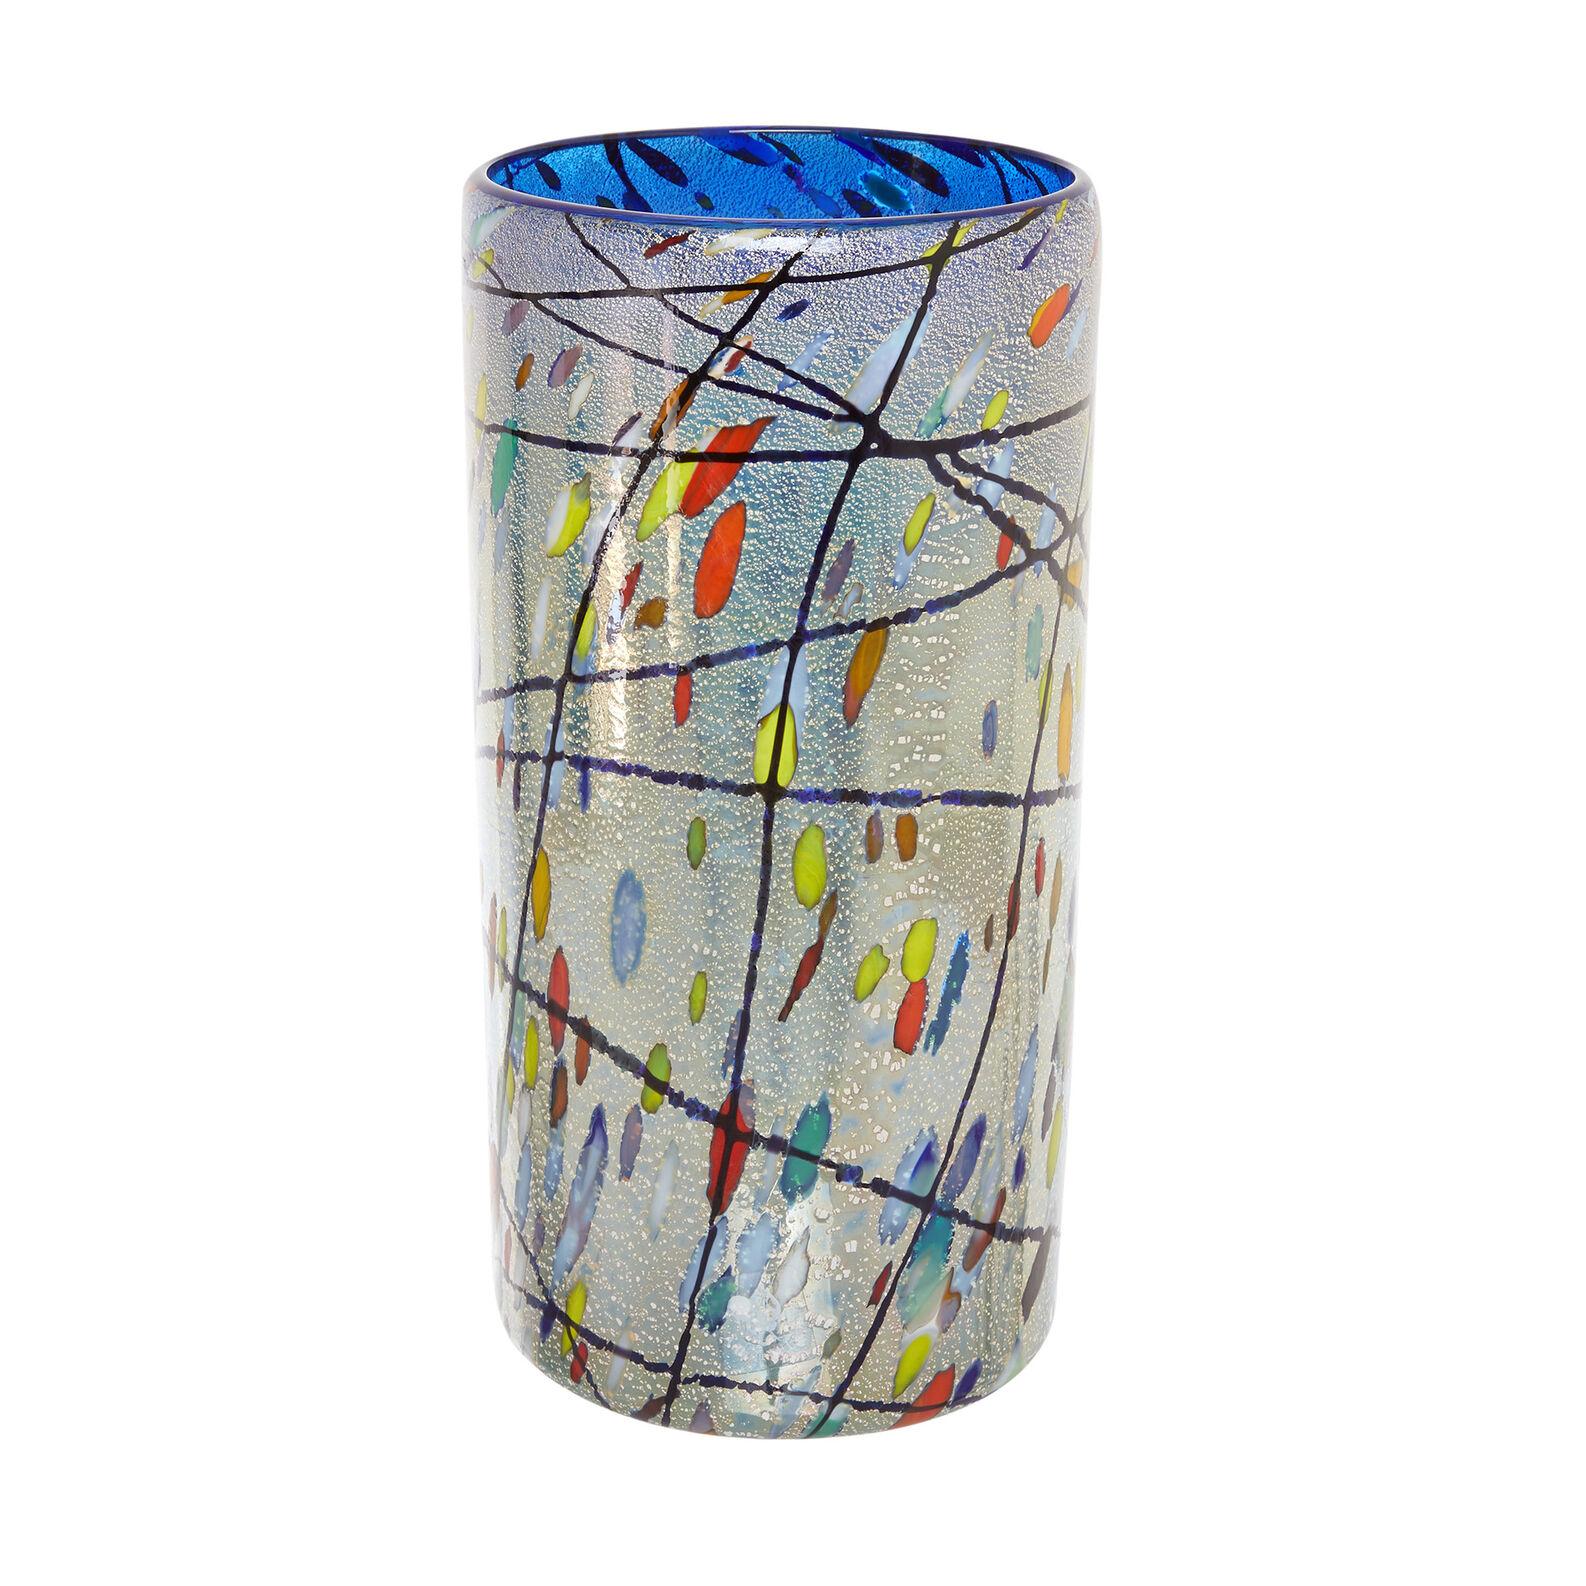 Handmade Murano glass vase